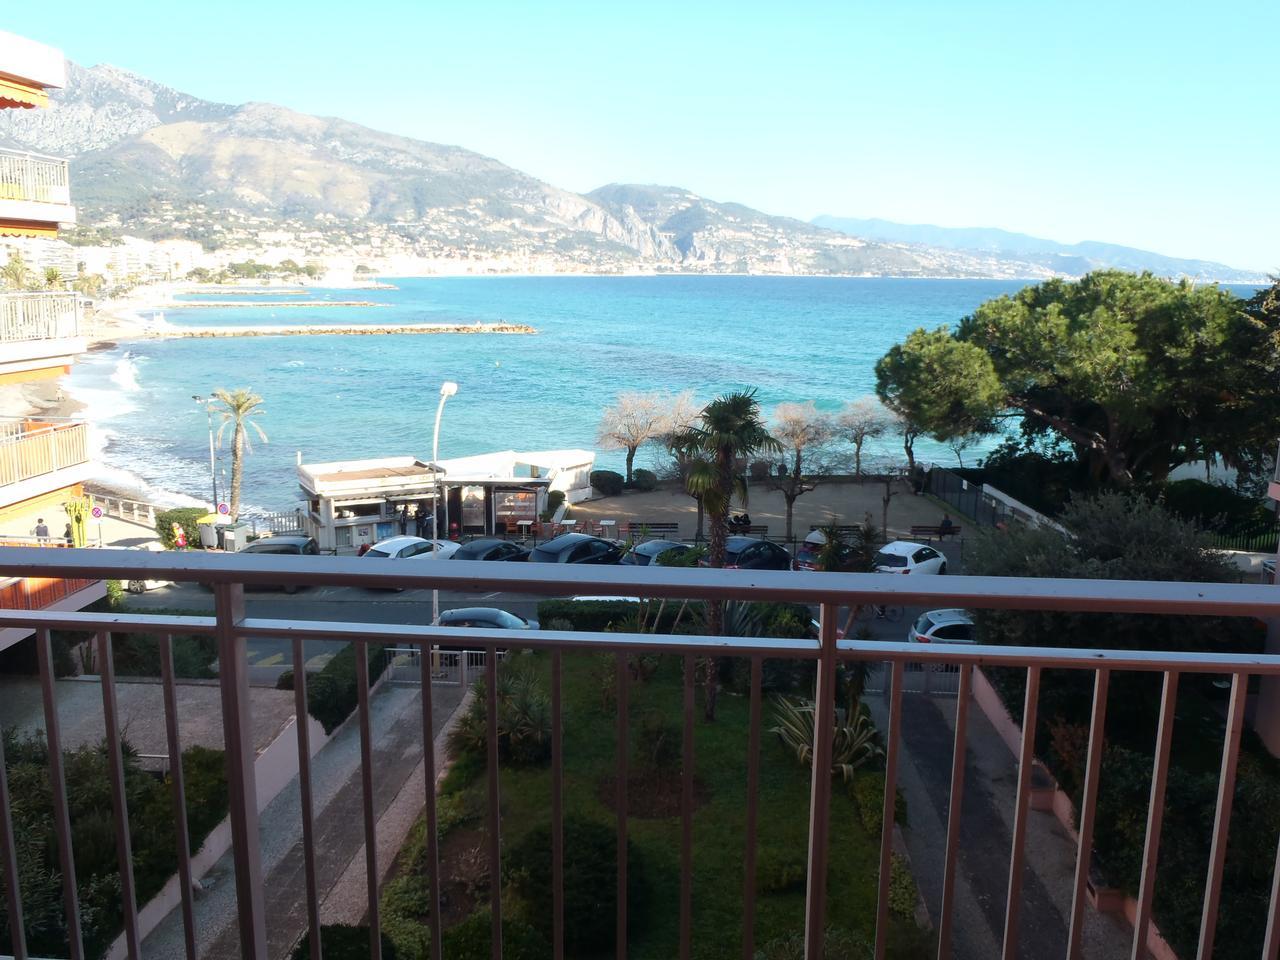 Immobilier nice vue mer appartement roquebrune cap martin for Azureva roquebrune cap martin piscine